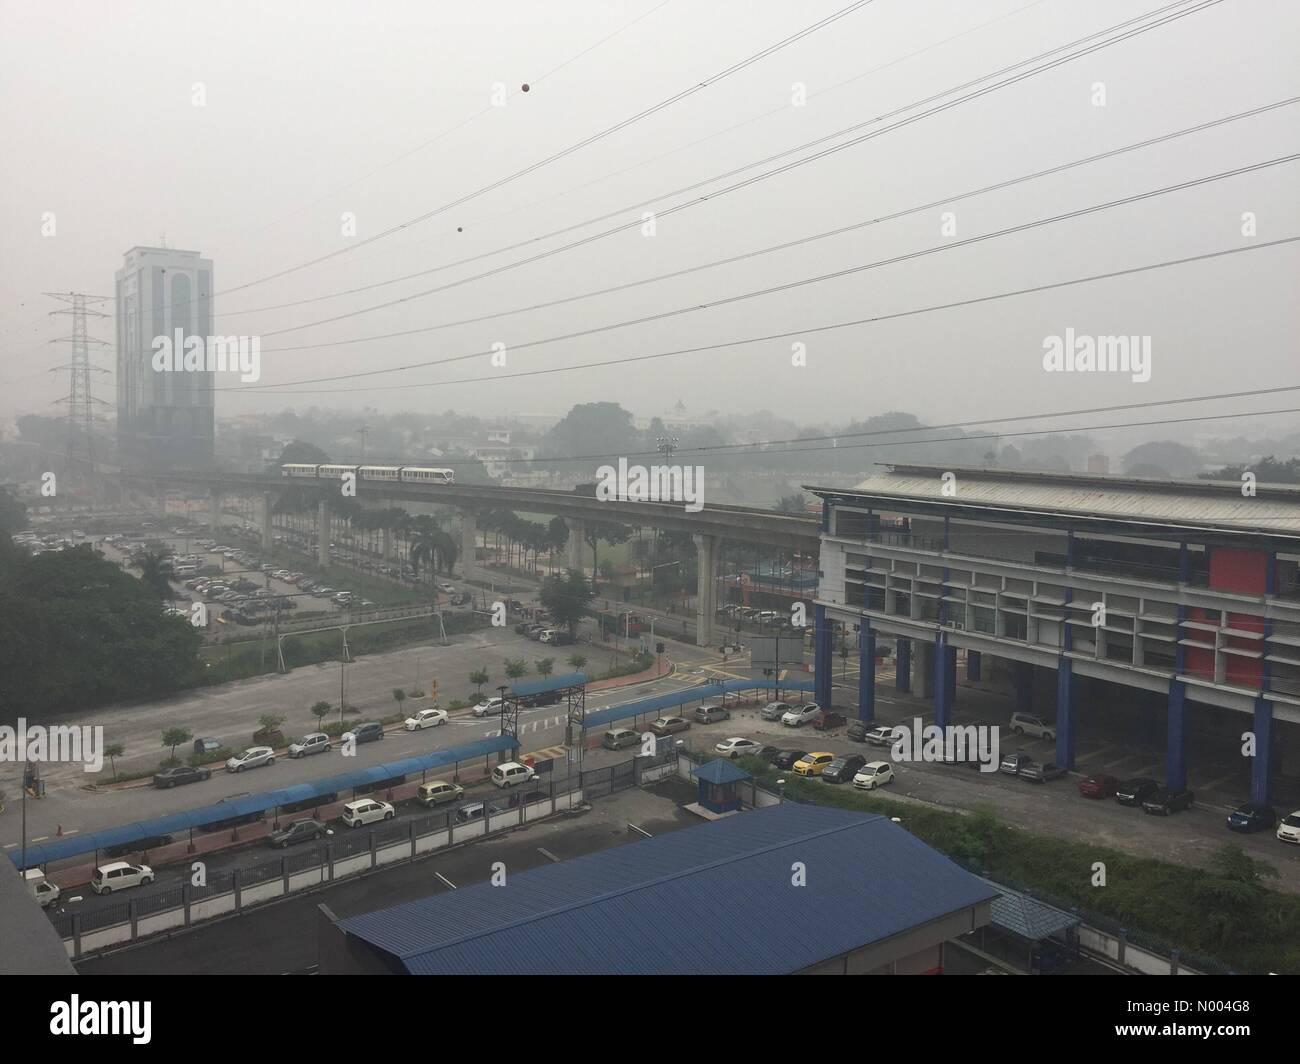 Petaling Jaya, Malesia - 3 Ottobre 2015 : Kuala Lumpur sta sperimentando  malsana nebuloso condizioni meteo da aprire fonti di masterizzazione nella  regione Credito: Chung Jin Mac / StockimoNews/Alamy Live News Foto stock -  Alamy